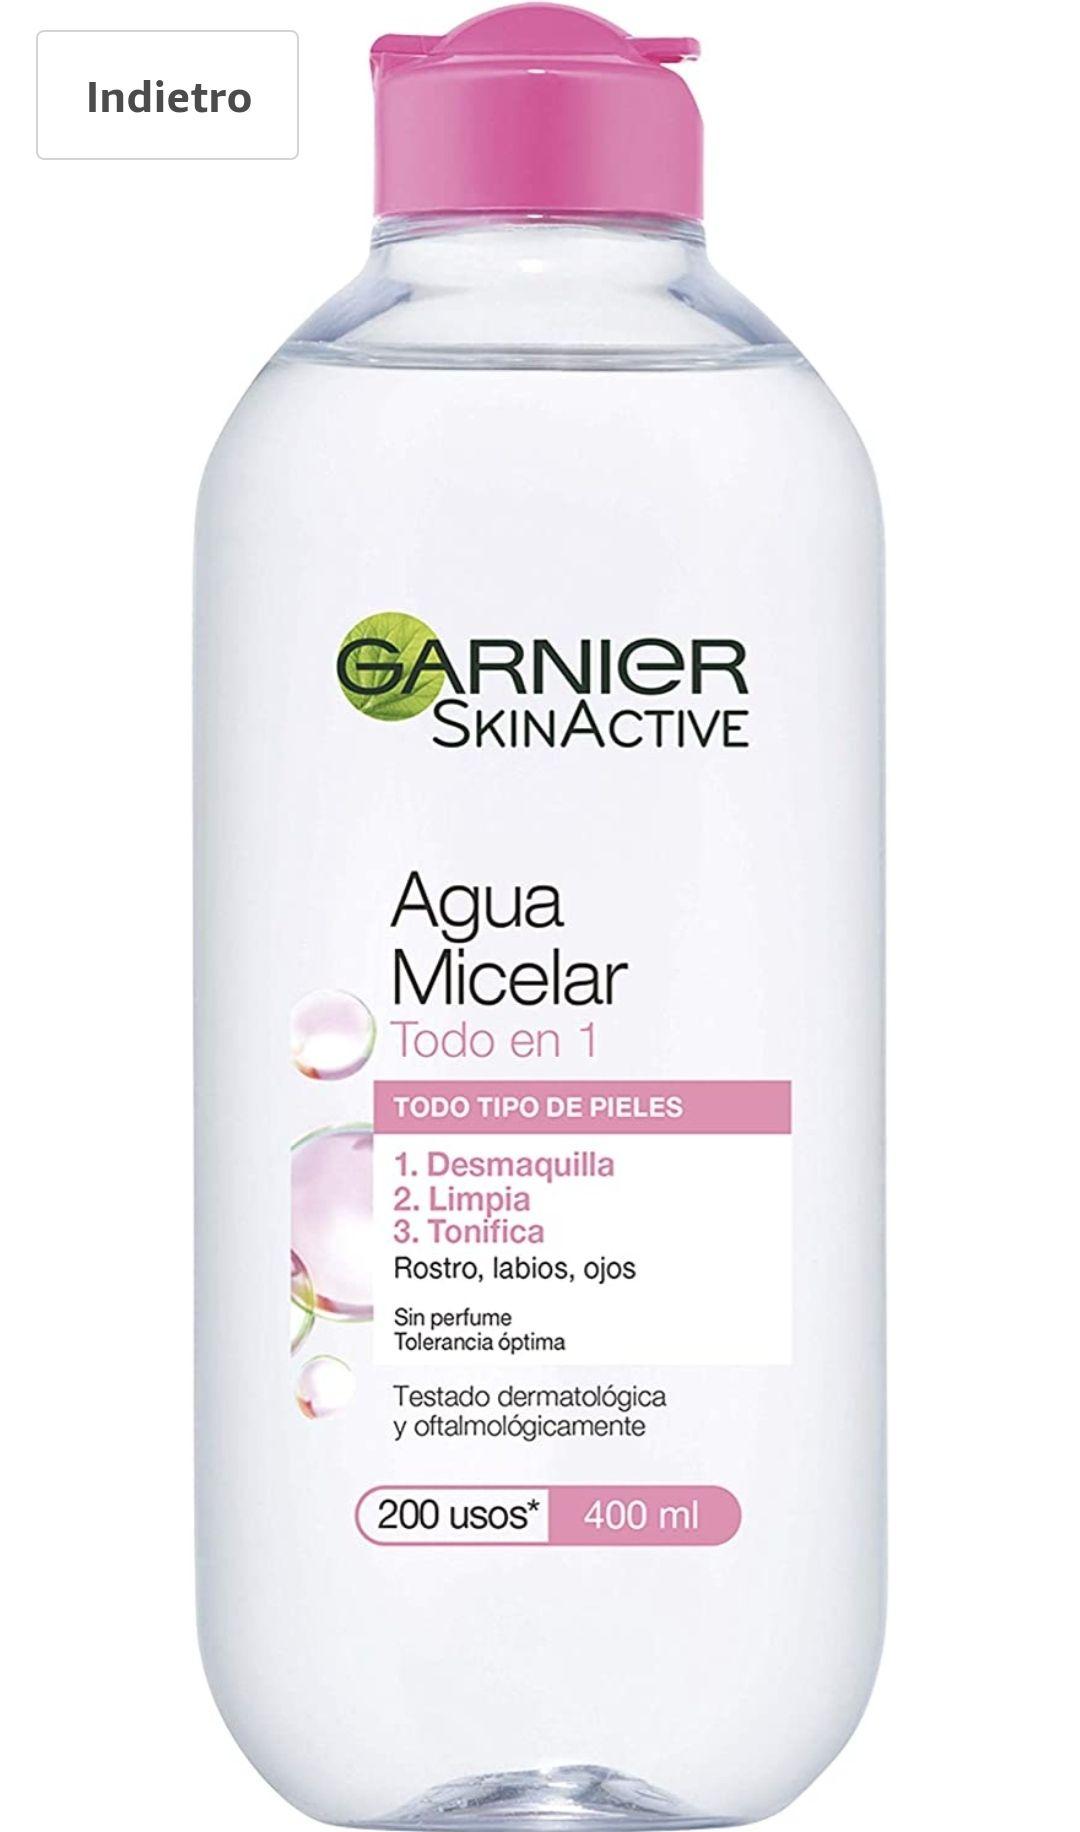 Garnier Struccante, Skin Naturals Cleansing Water, 400 ml